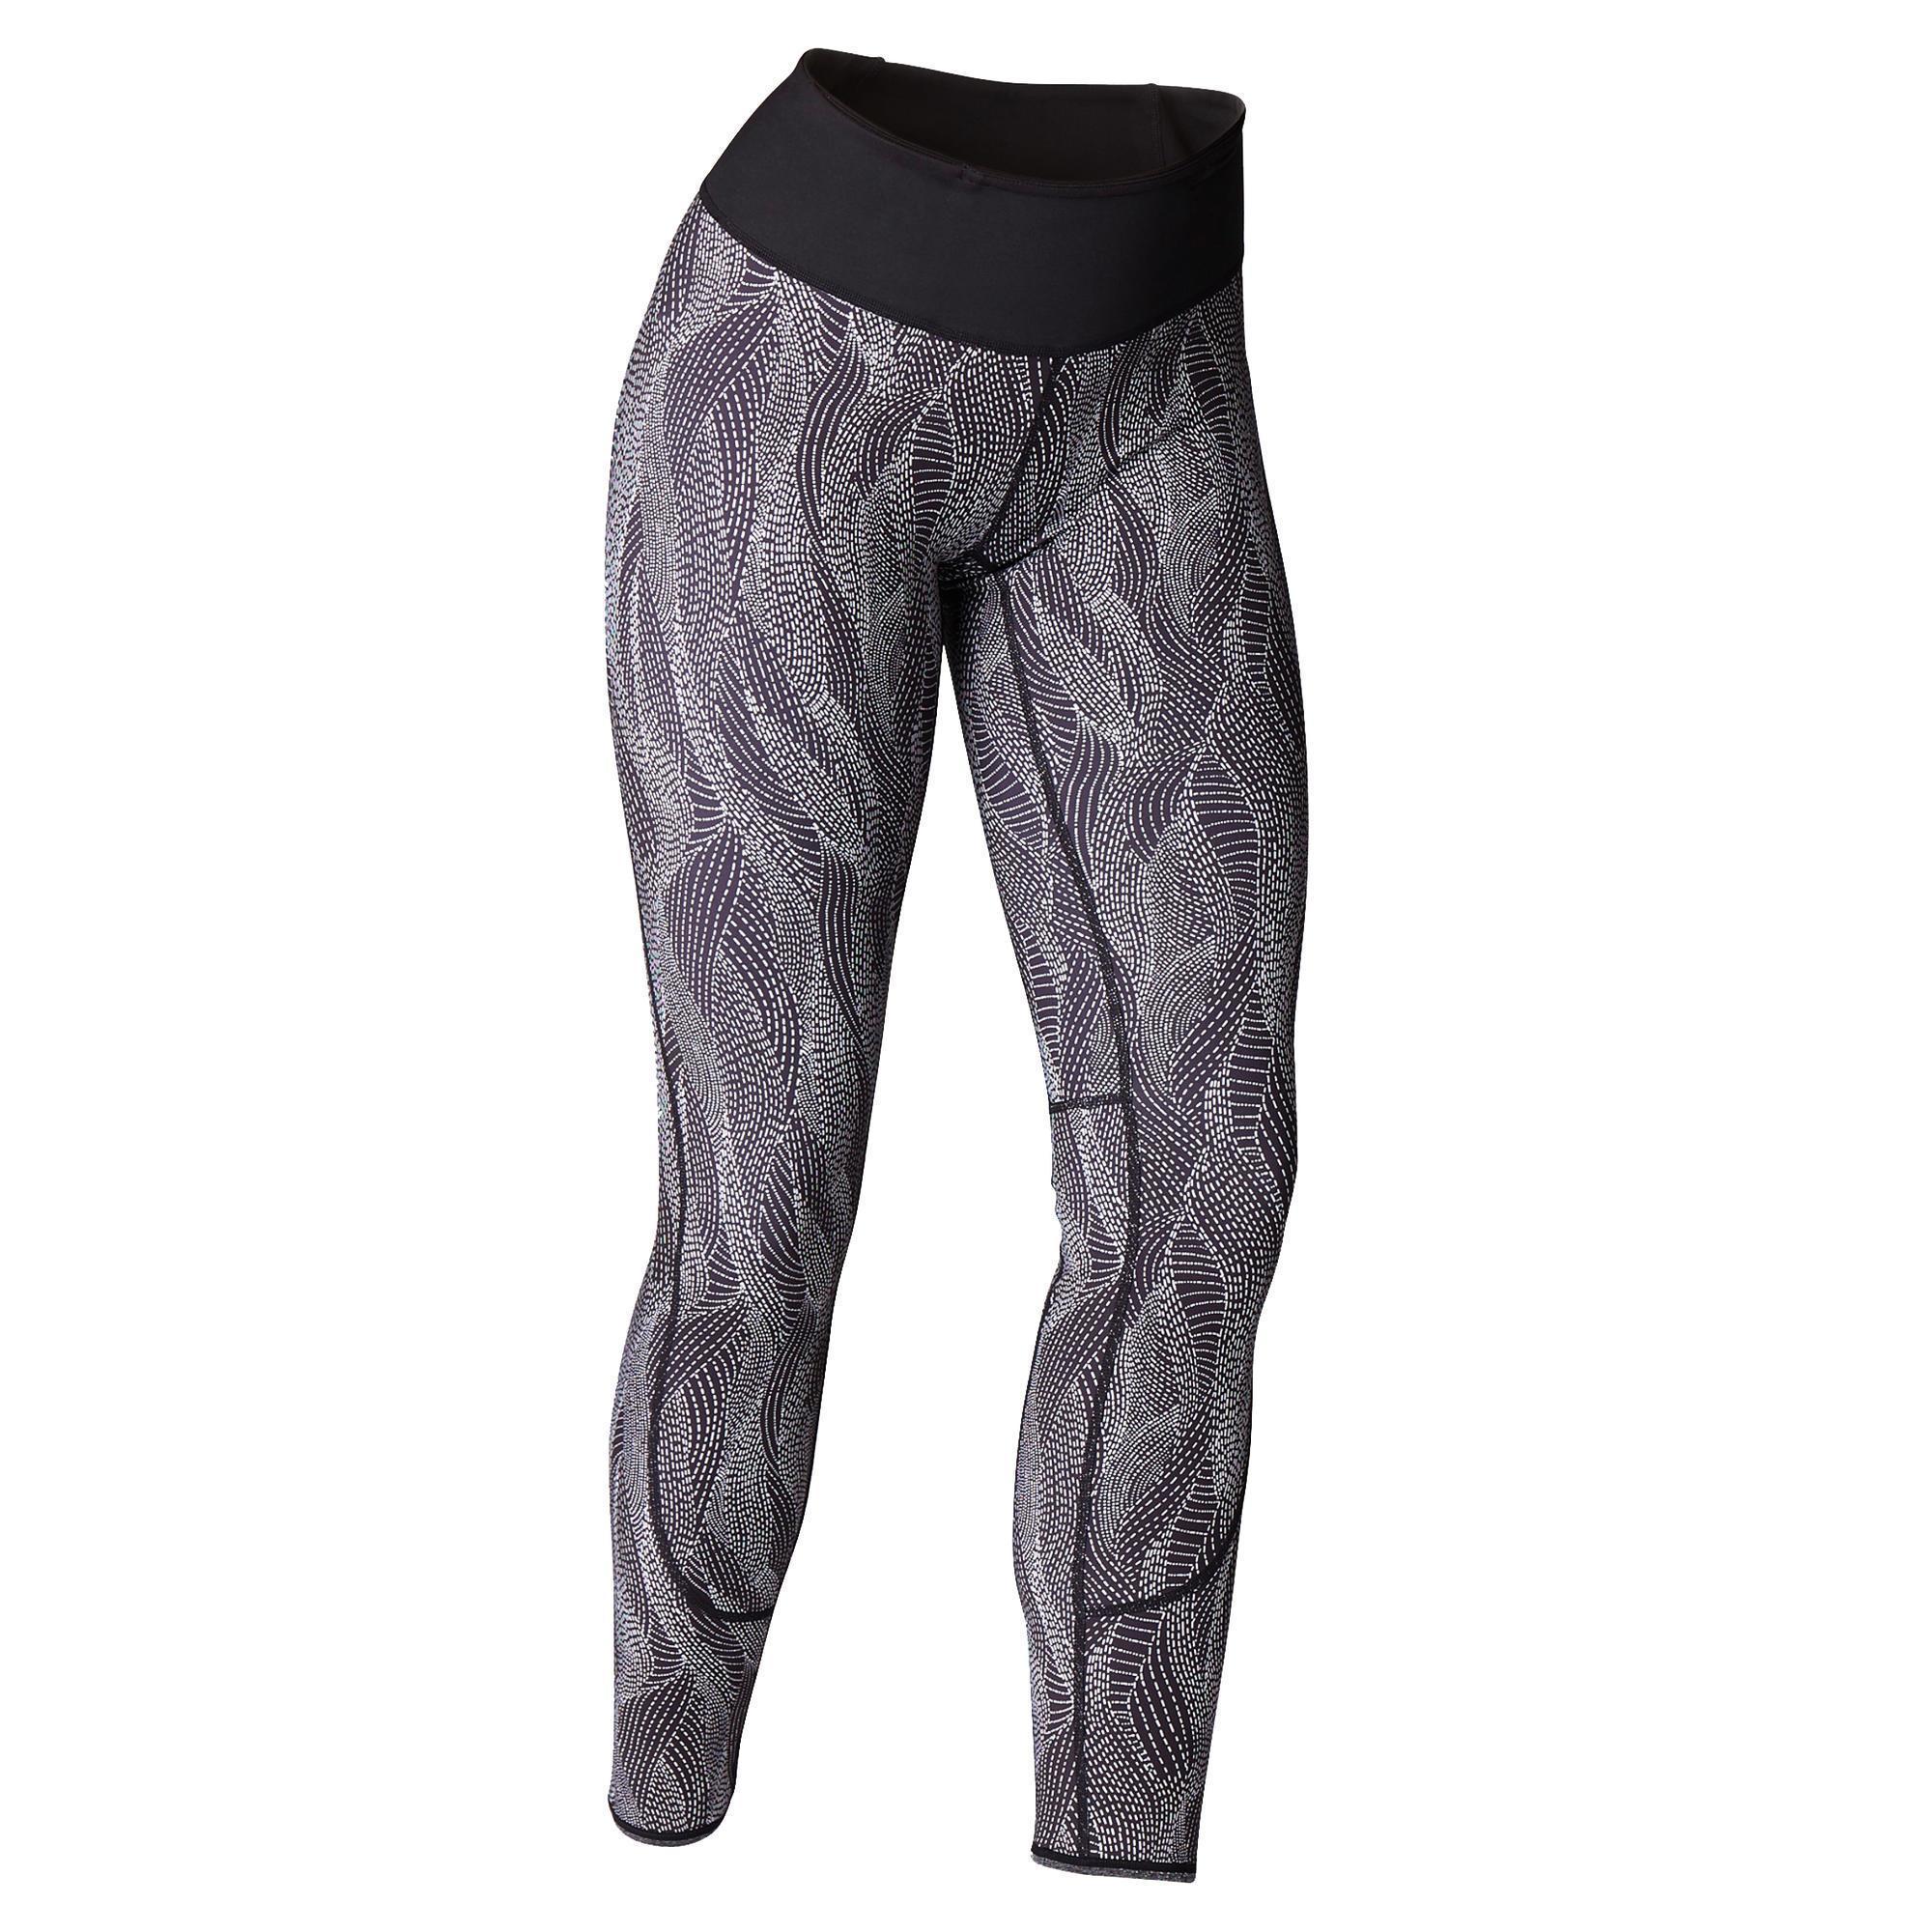 797067c35a Comprar Ropa para Yoga de Mujer   Decathlon